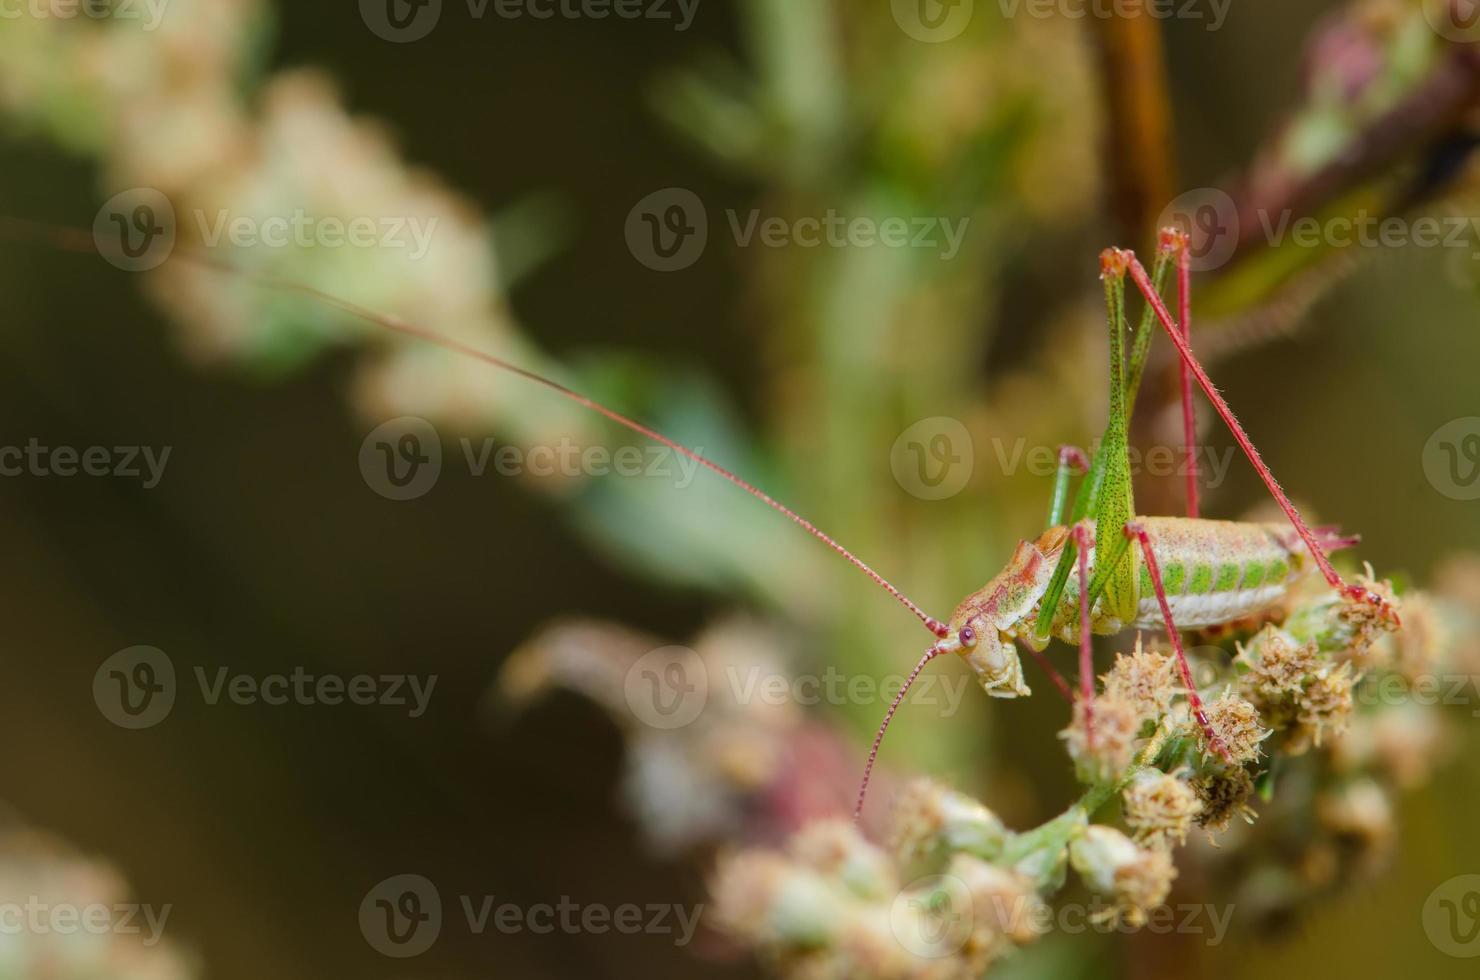 groene sprinkhaan poseren voor op bloemen foto